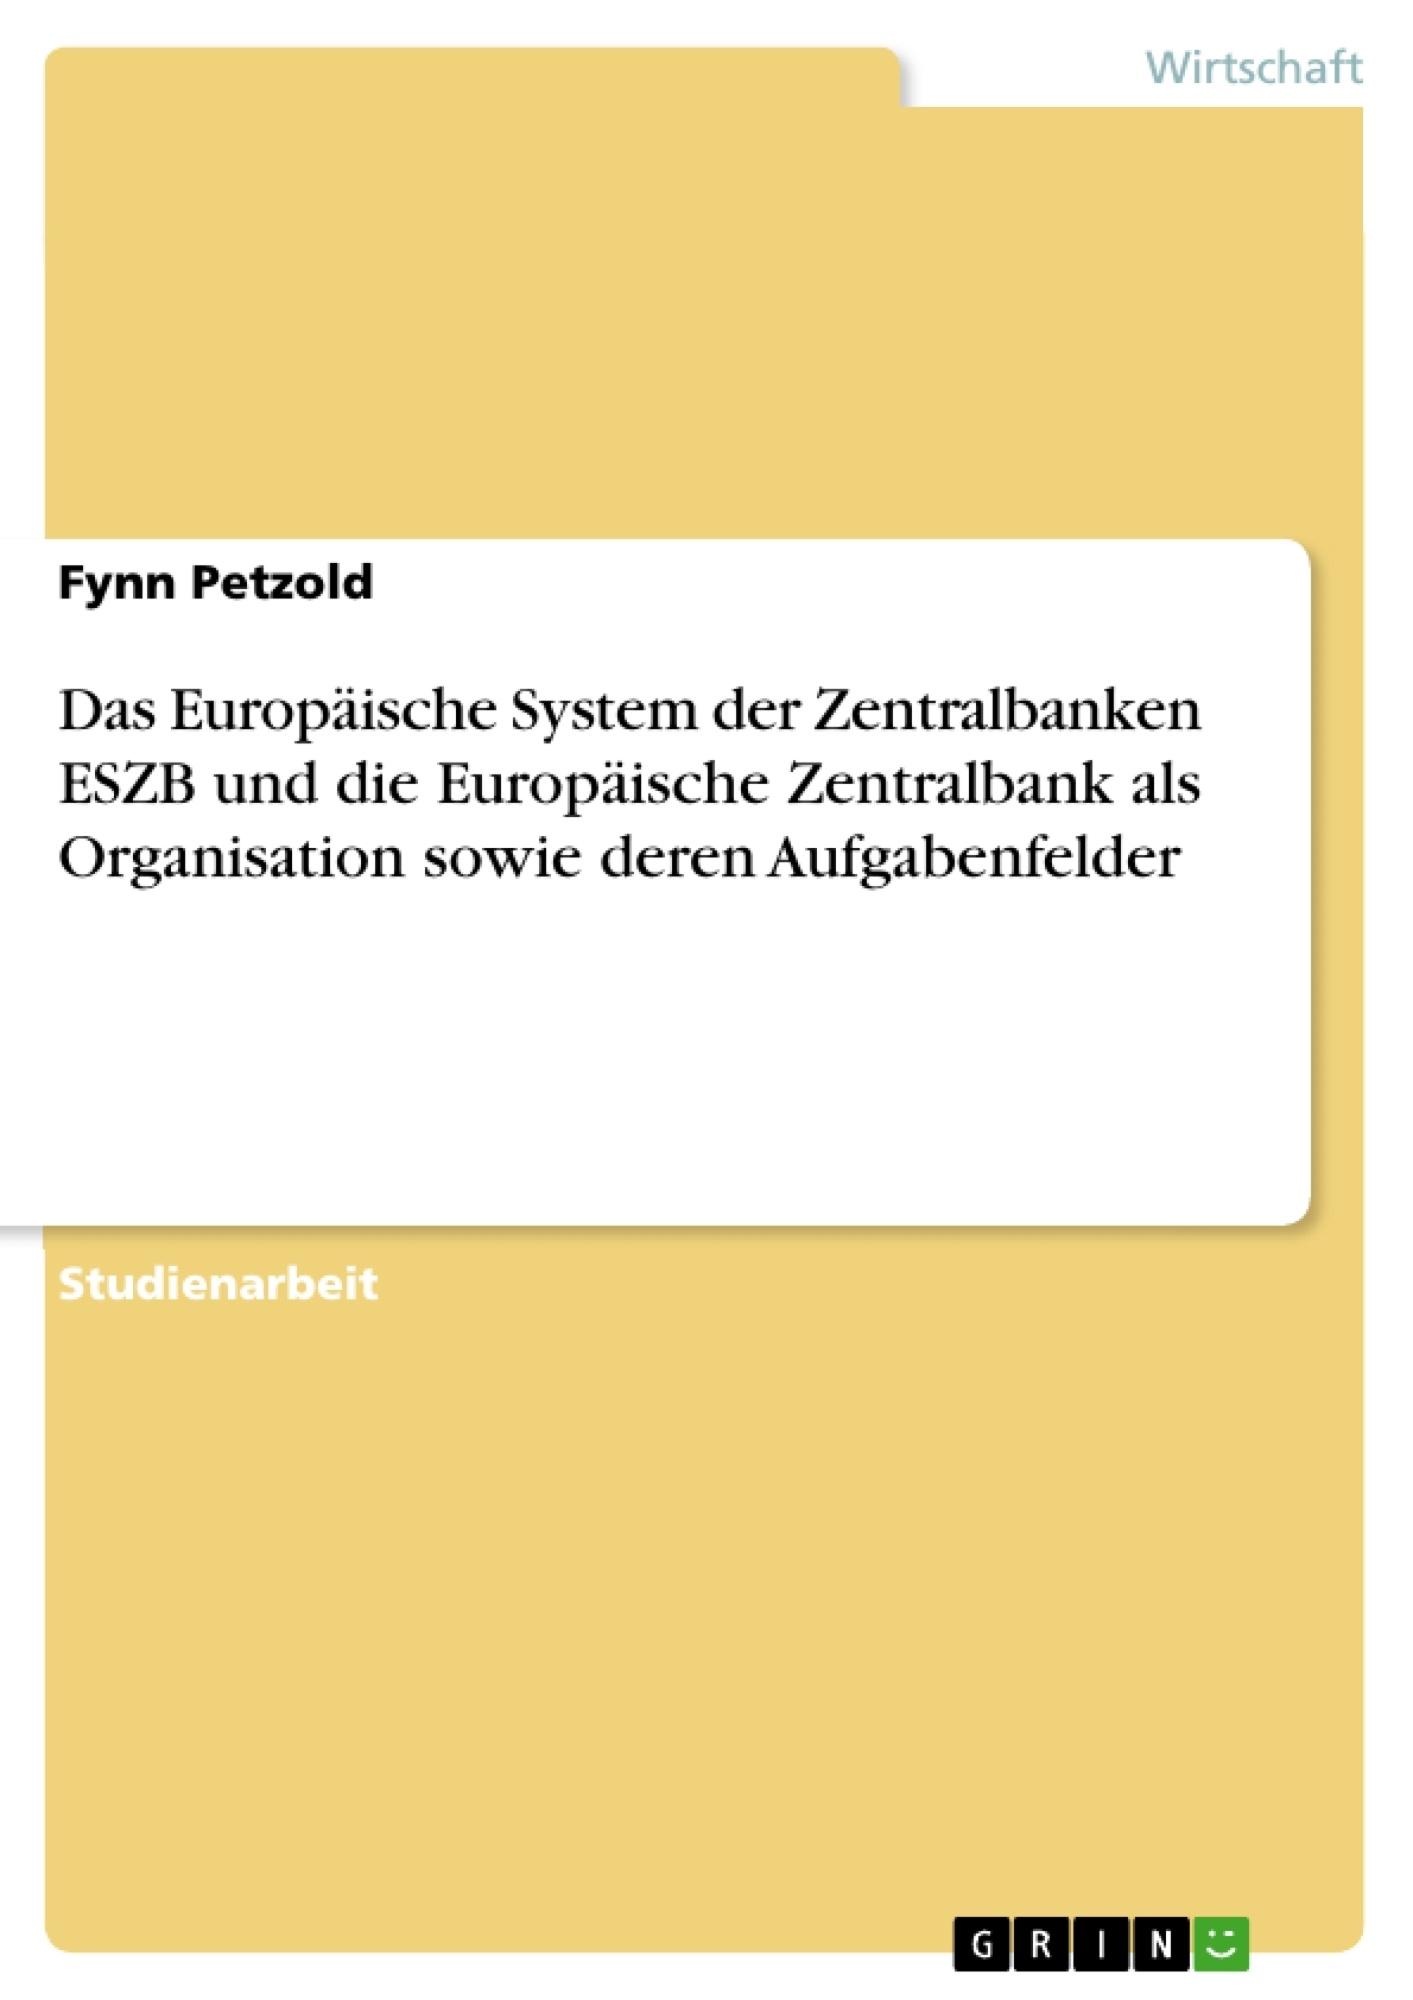 Titel: Das Europäische System der Zentralbanken ESZB und die Europäische Zentralbank als Organisation sowie deren Aufgabenfelder